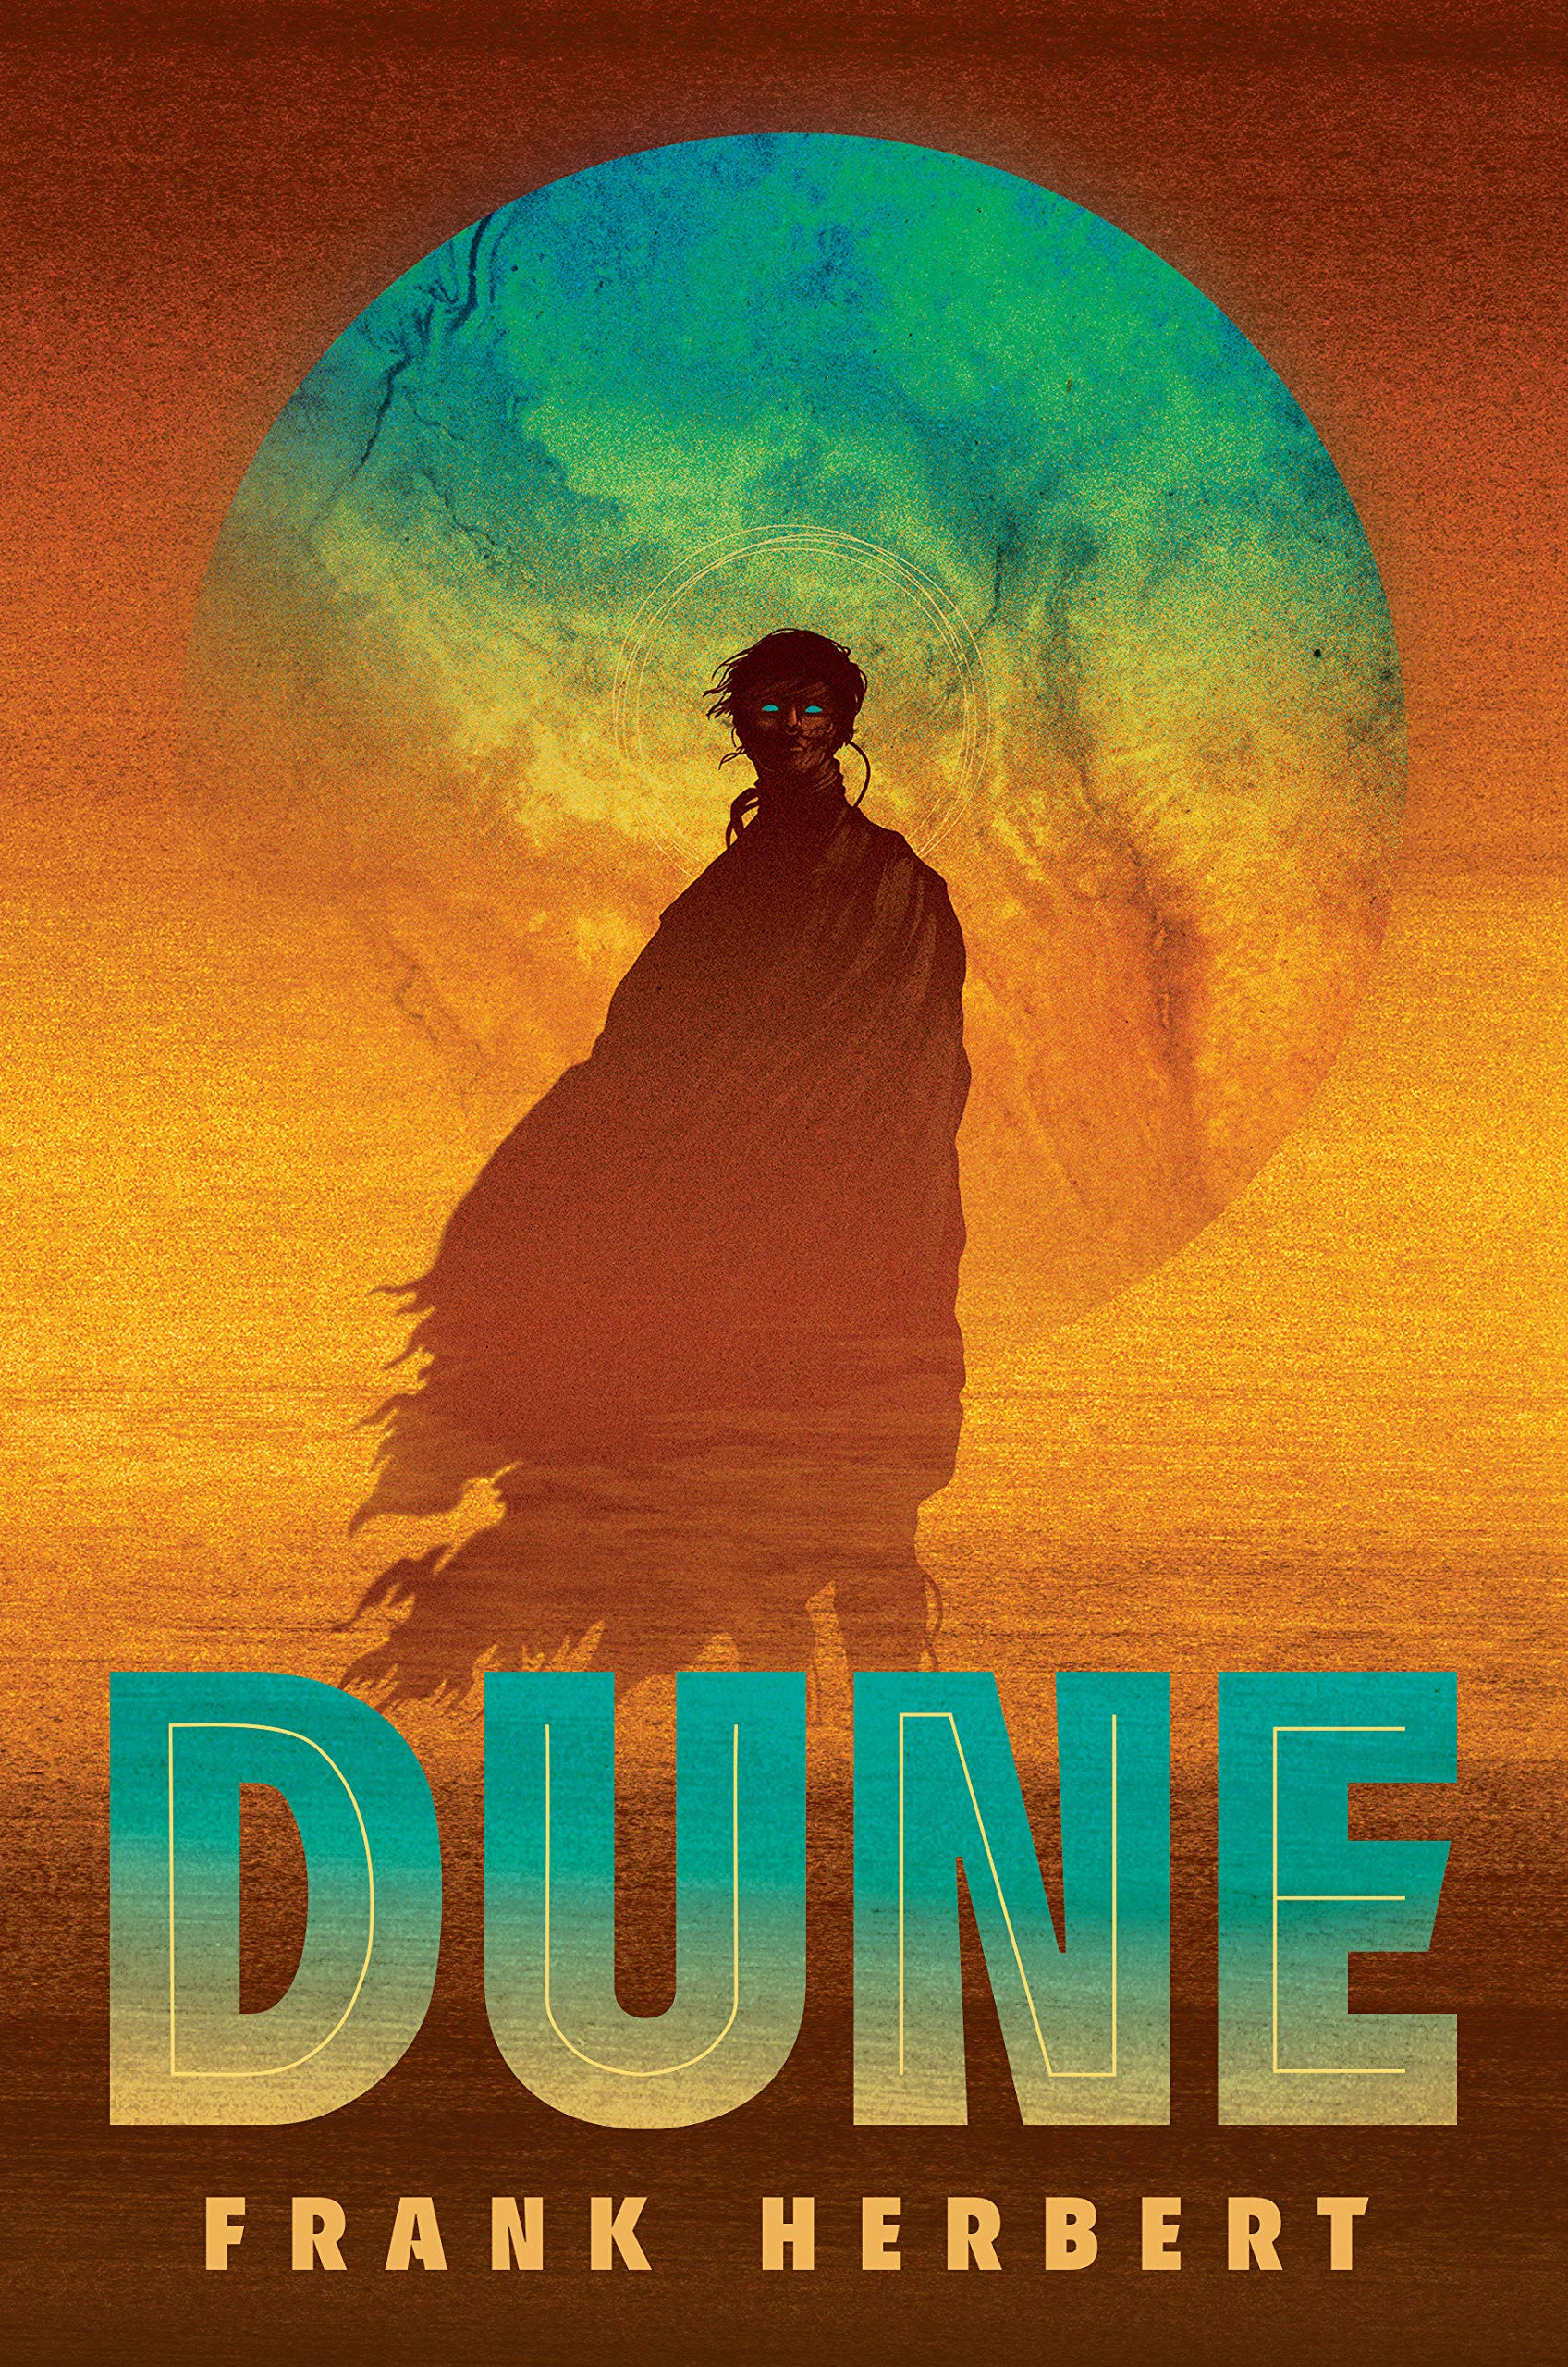 Amazon.fr - Dune: Deluxe Edition - Frank Herbert - Livres